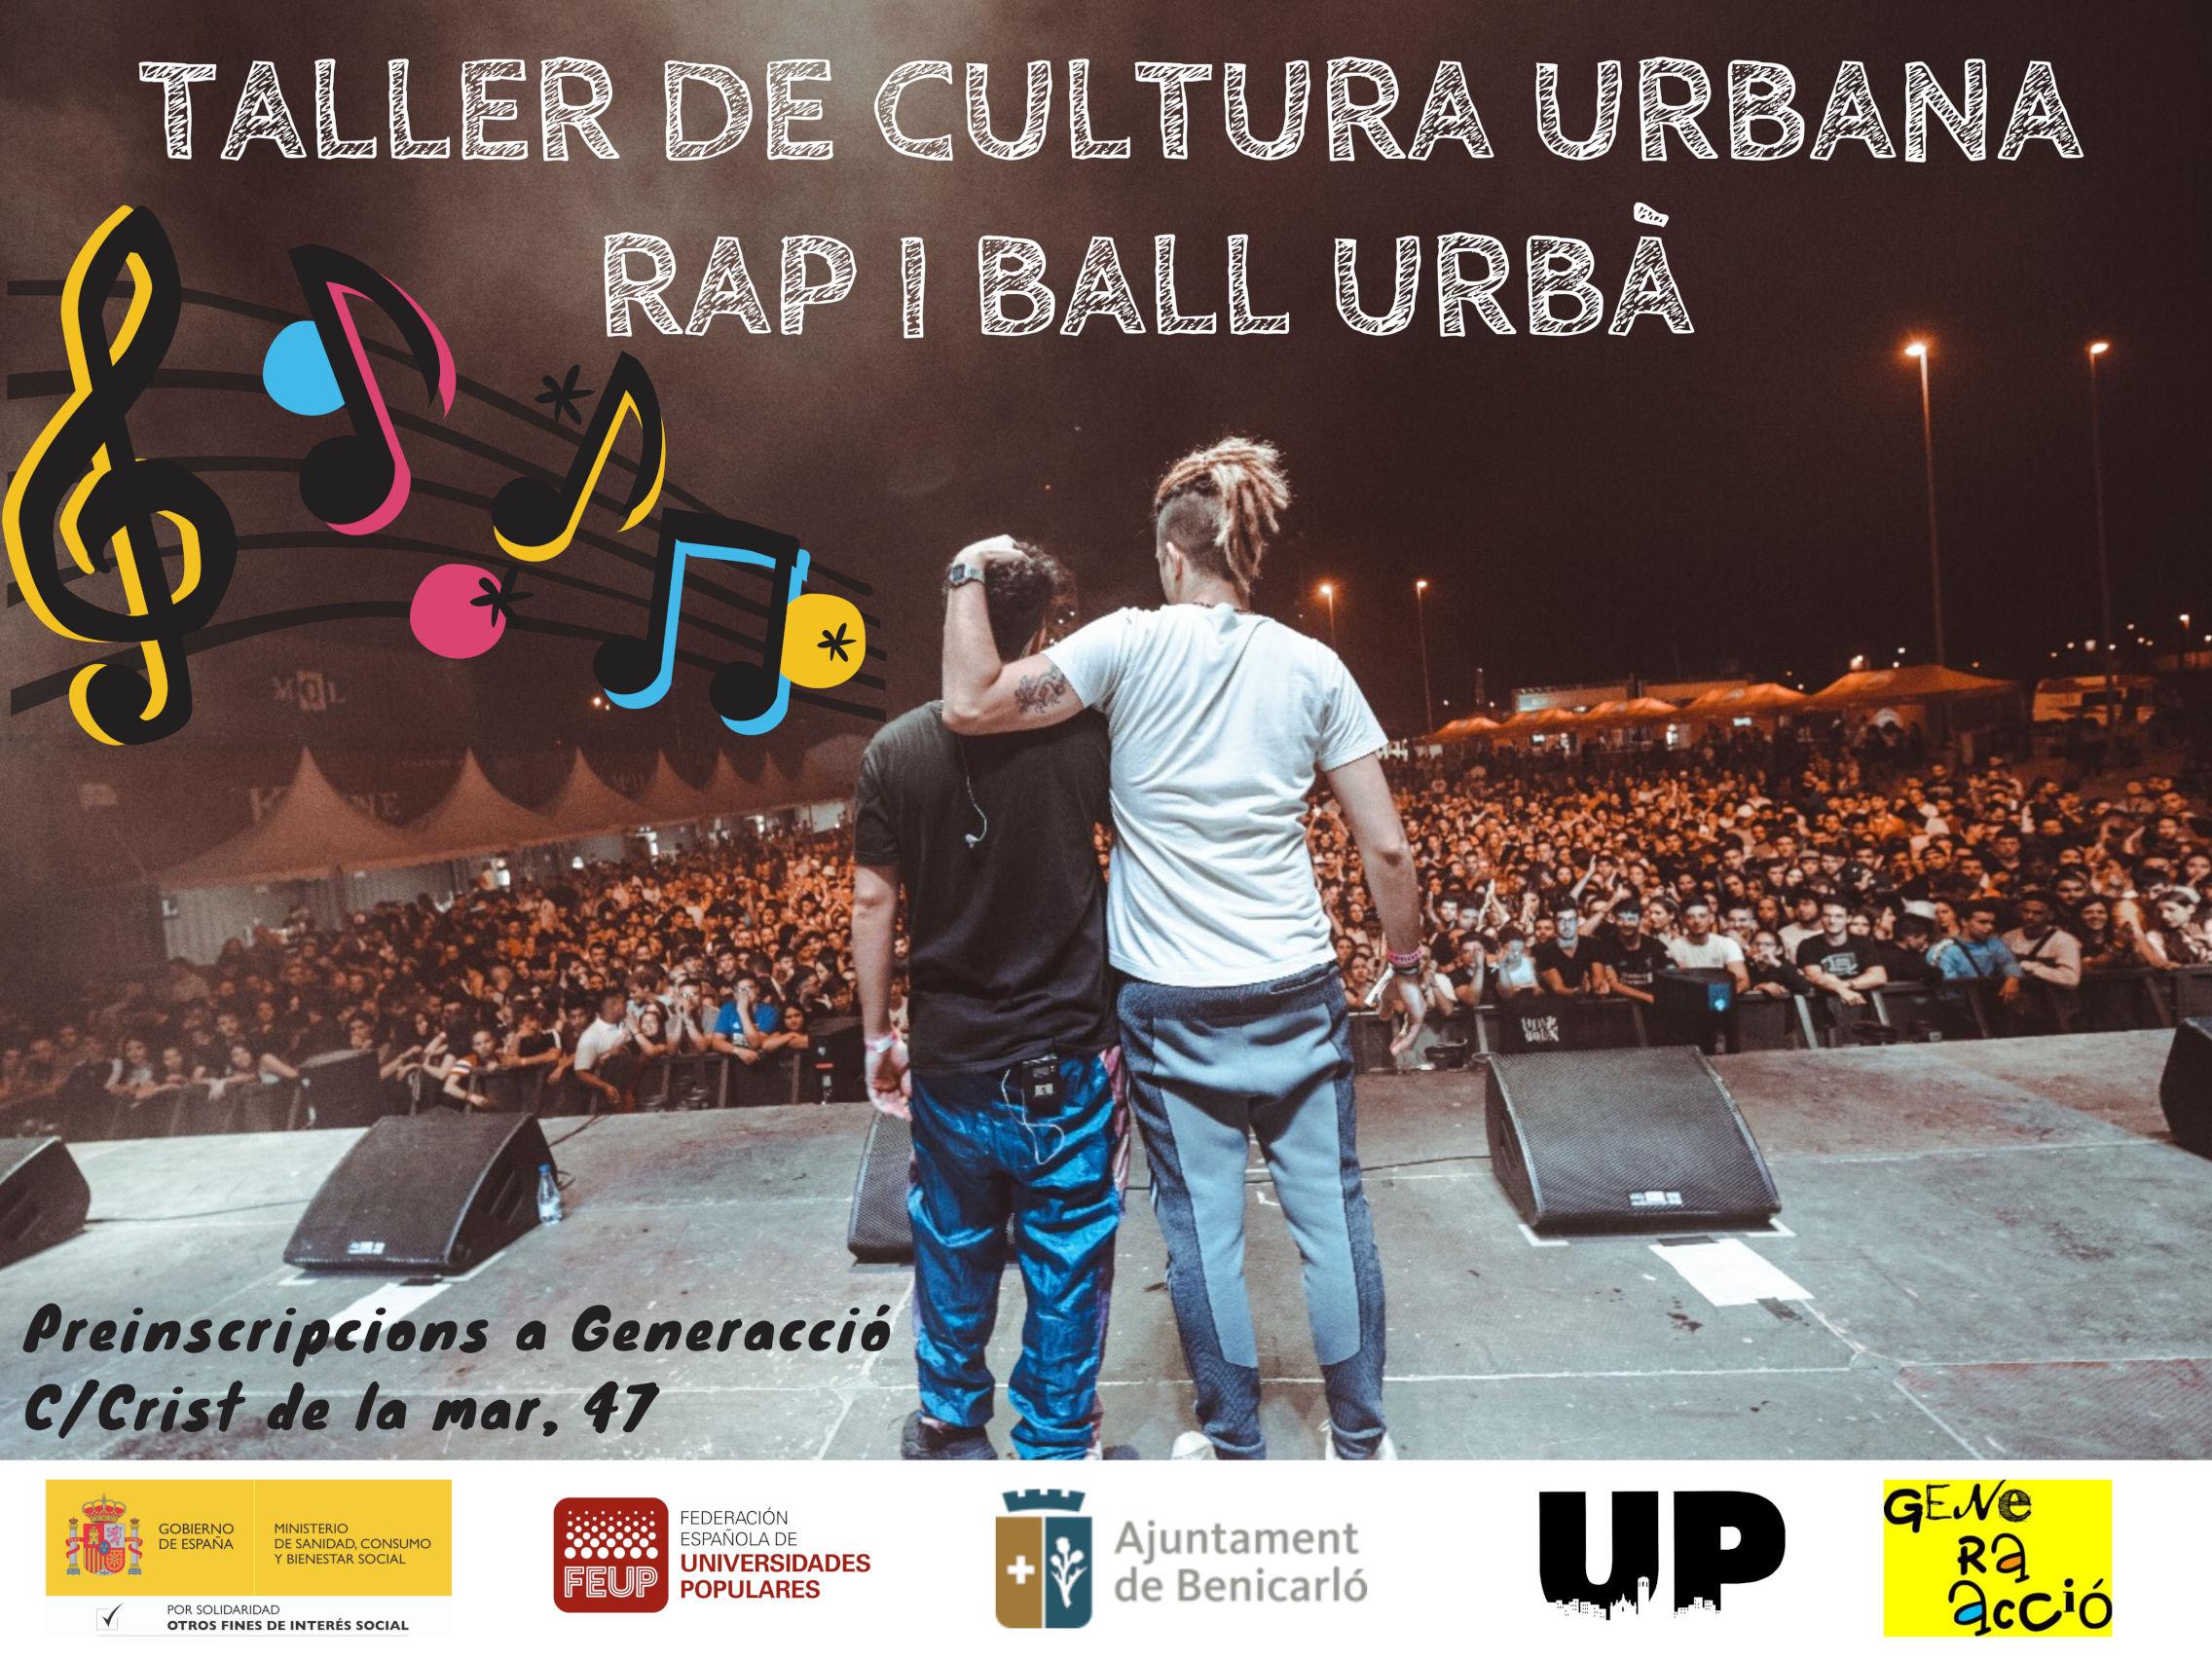 Benicarló organitza un taller de cultura urbana per a joves i adolescents